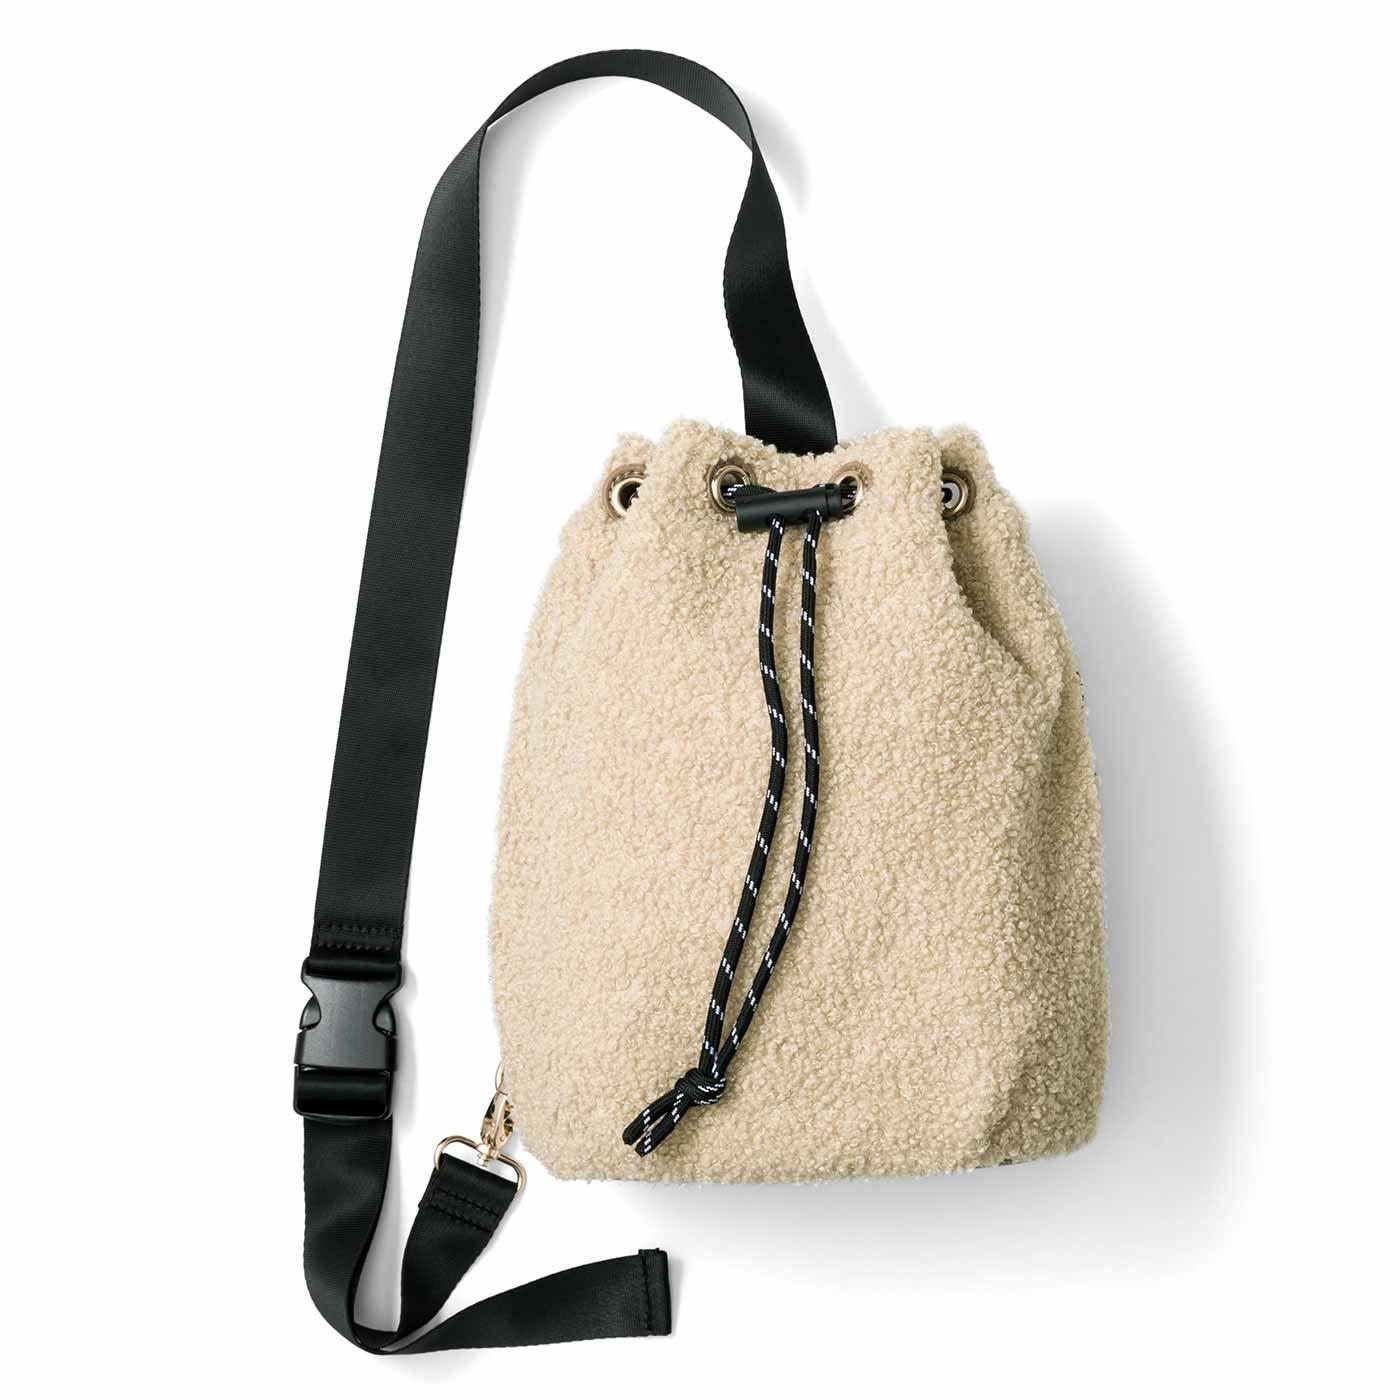 UP.de やさしくフィットしてサッと取り出せる プードルみたいな巾着(きんちゃく)ボディーバッグの会